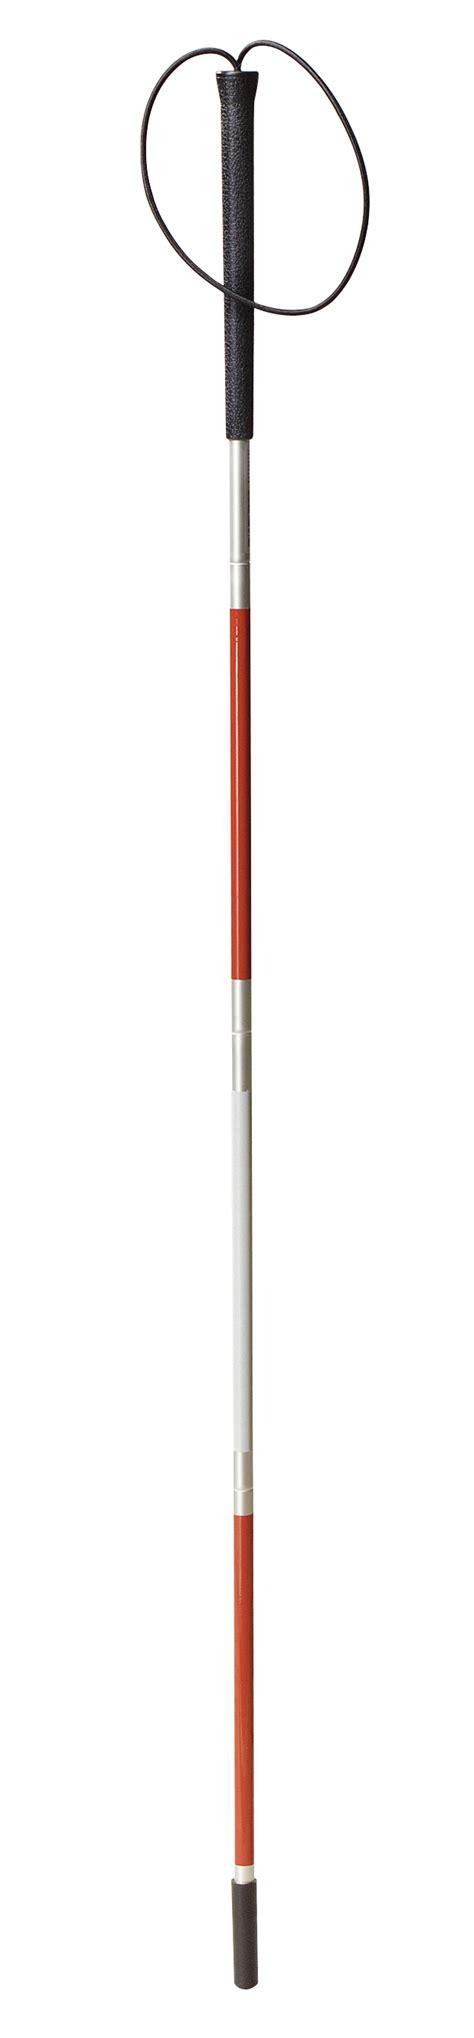 Blind Cane Color Blind Cane Folding Walking Stick Wrist Strap Red Reflector